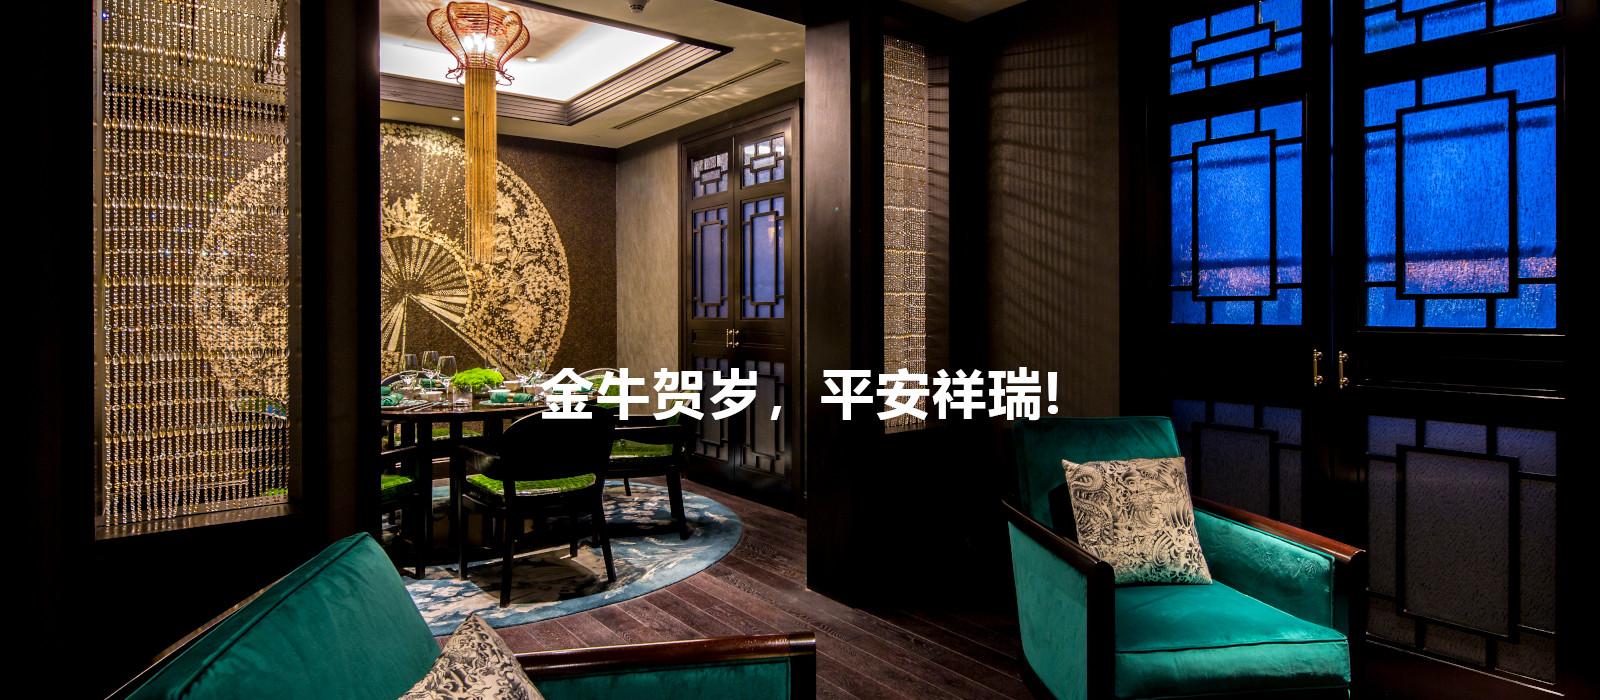 约惠立鼎世 | 新春特惠_立鼎世酒店集团_lhw.cn